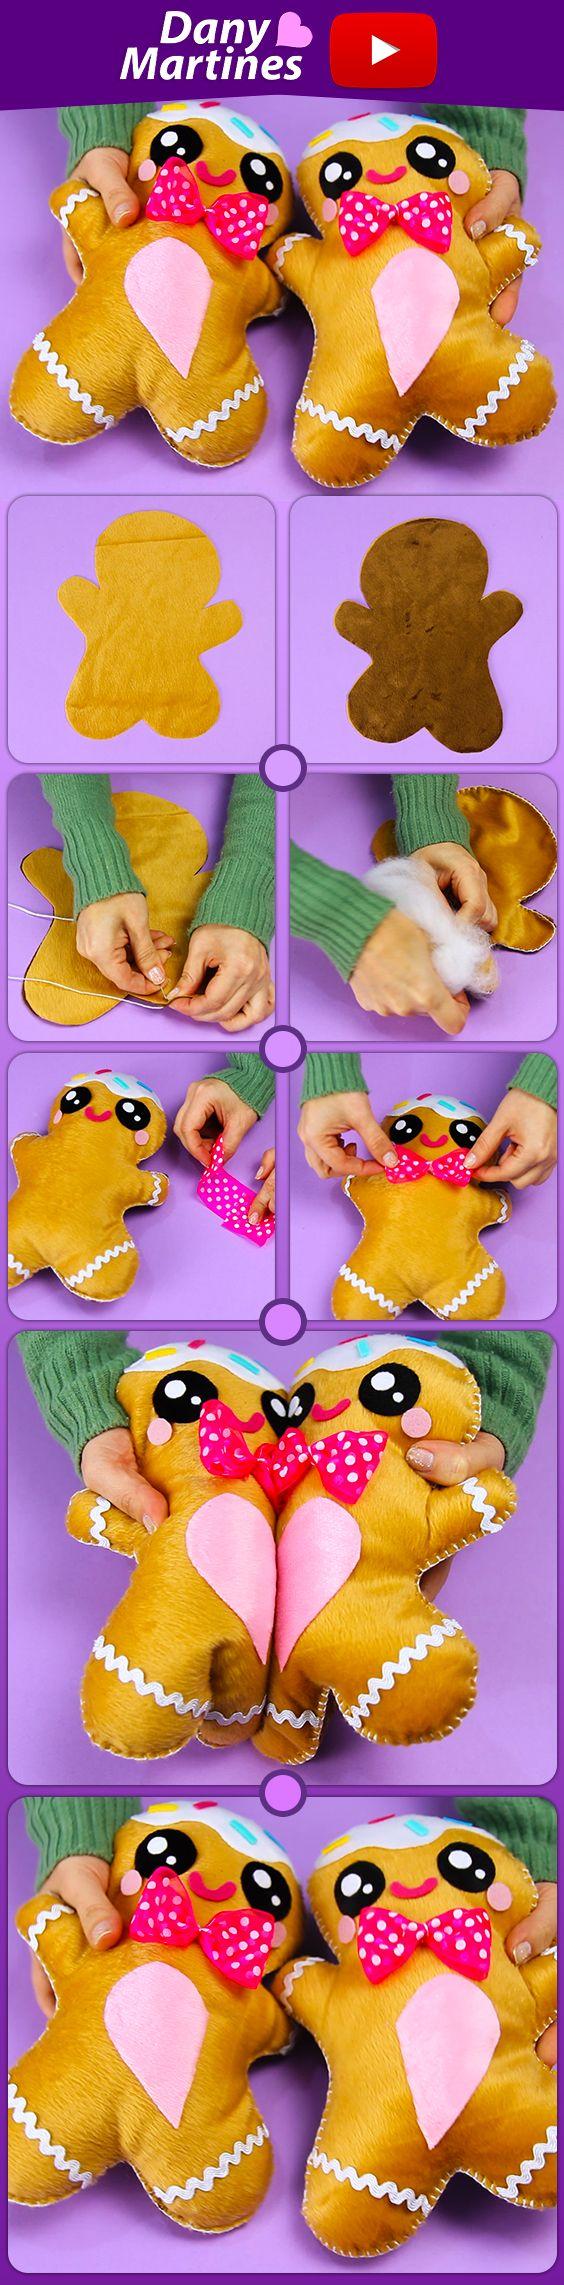 Faça Você mesmo boneco biscoito para sua amiga, best friends, melhores amigas, DIY, do it yourself, diy fofinho, kawaii